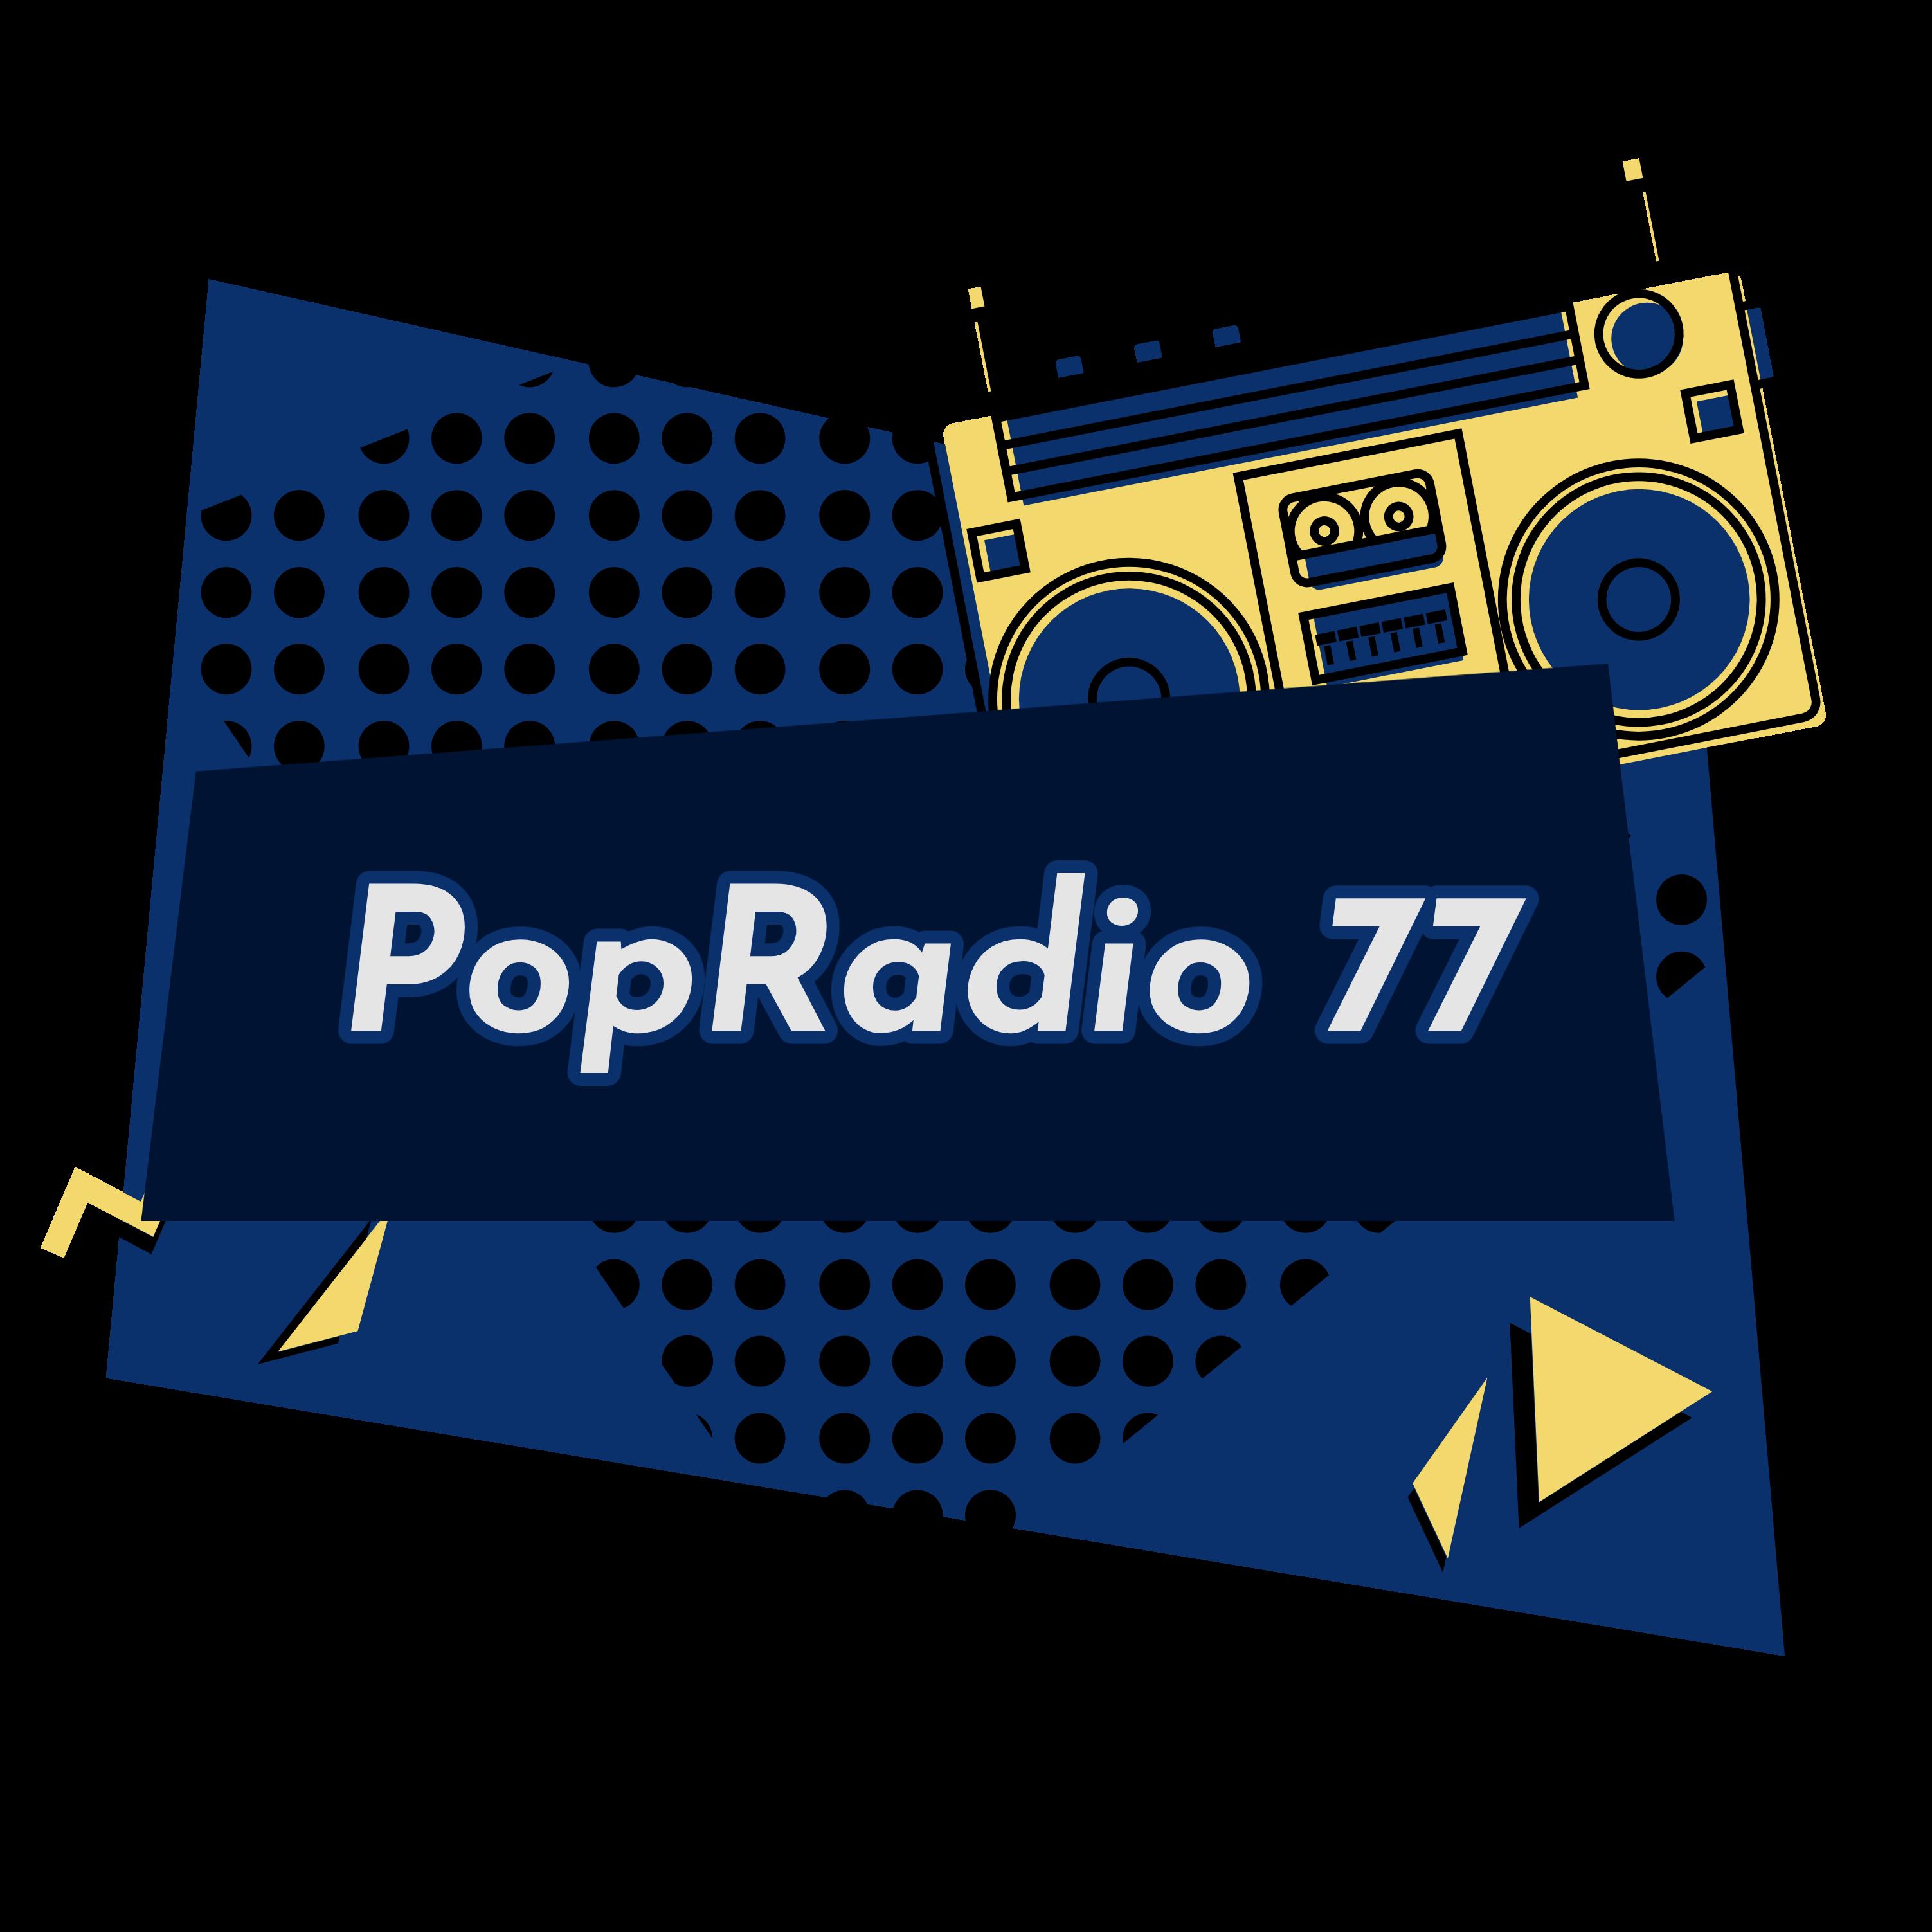 PopRadio 77